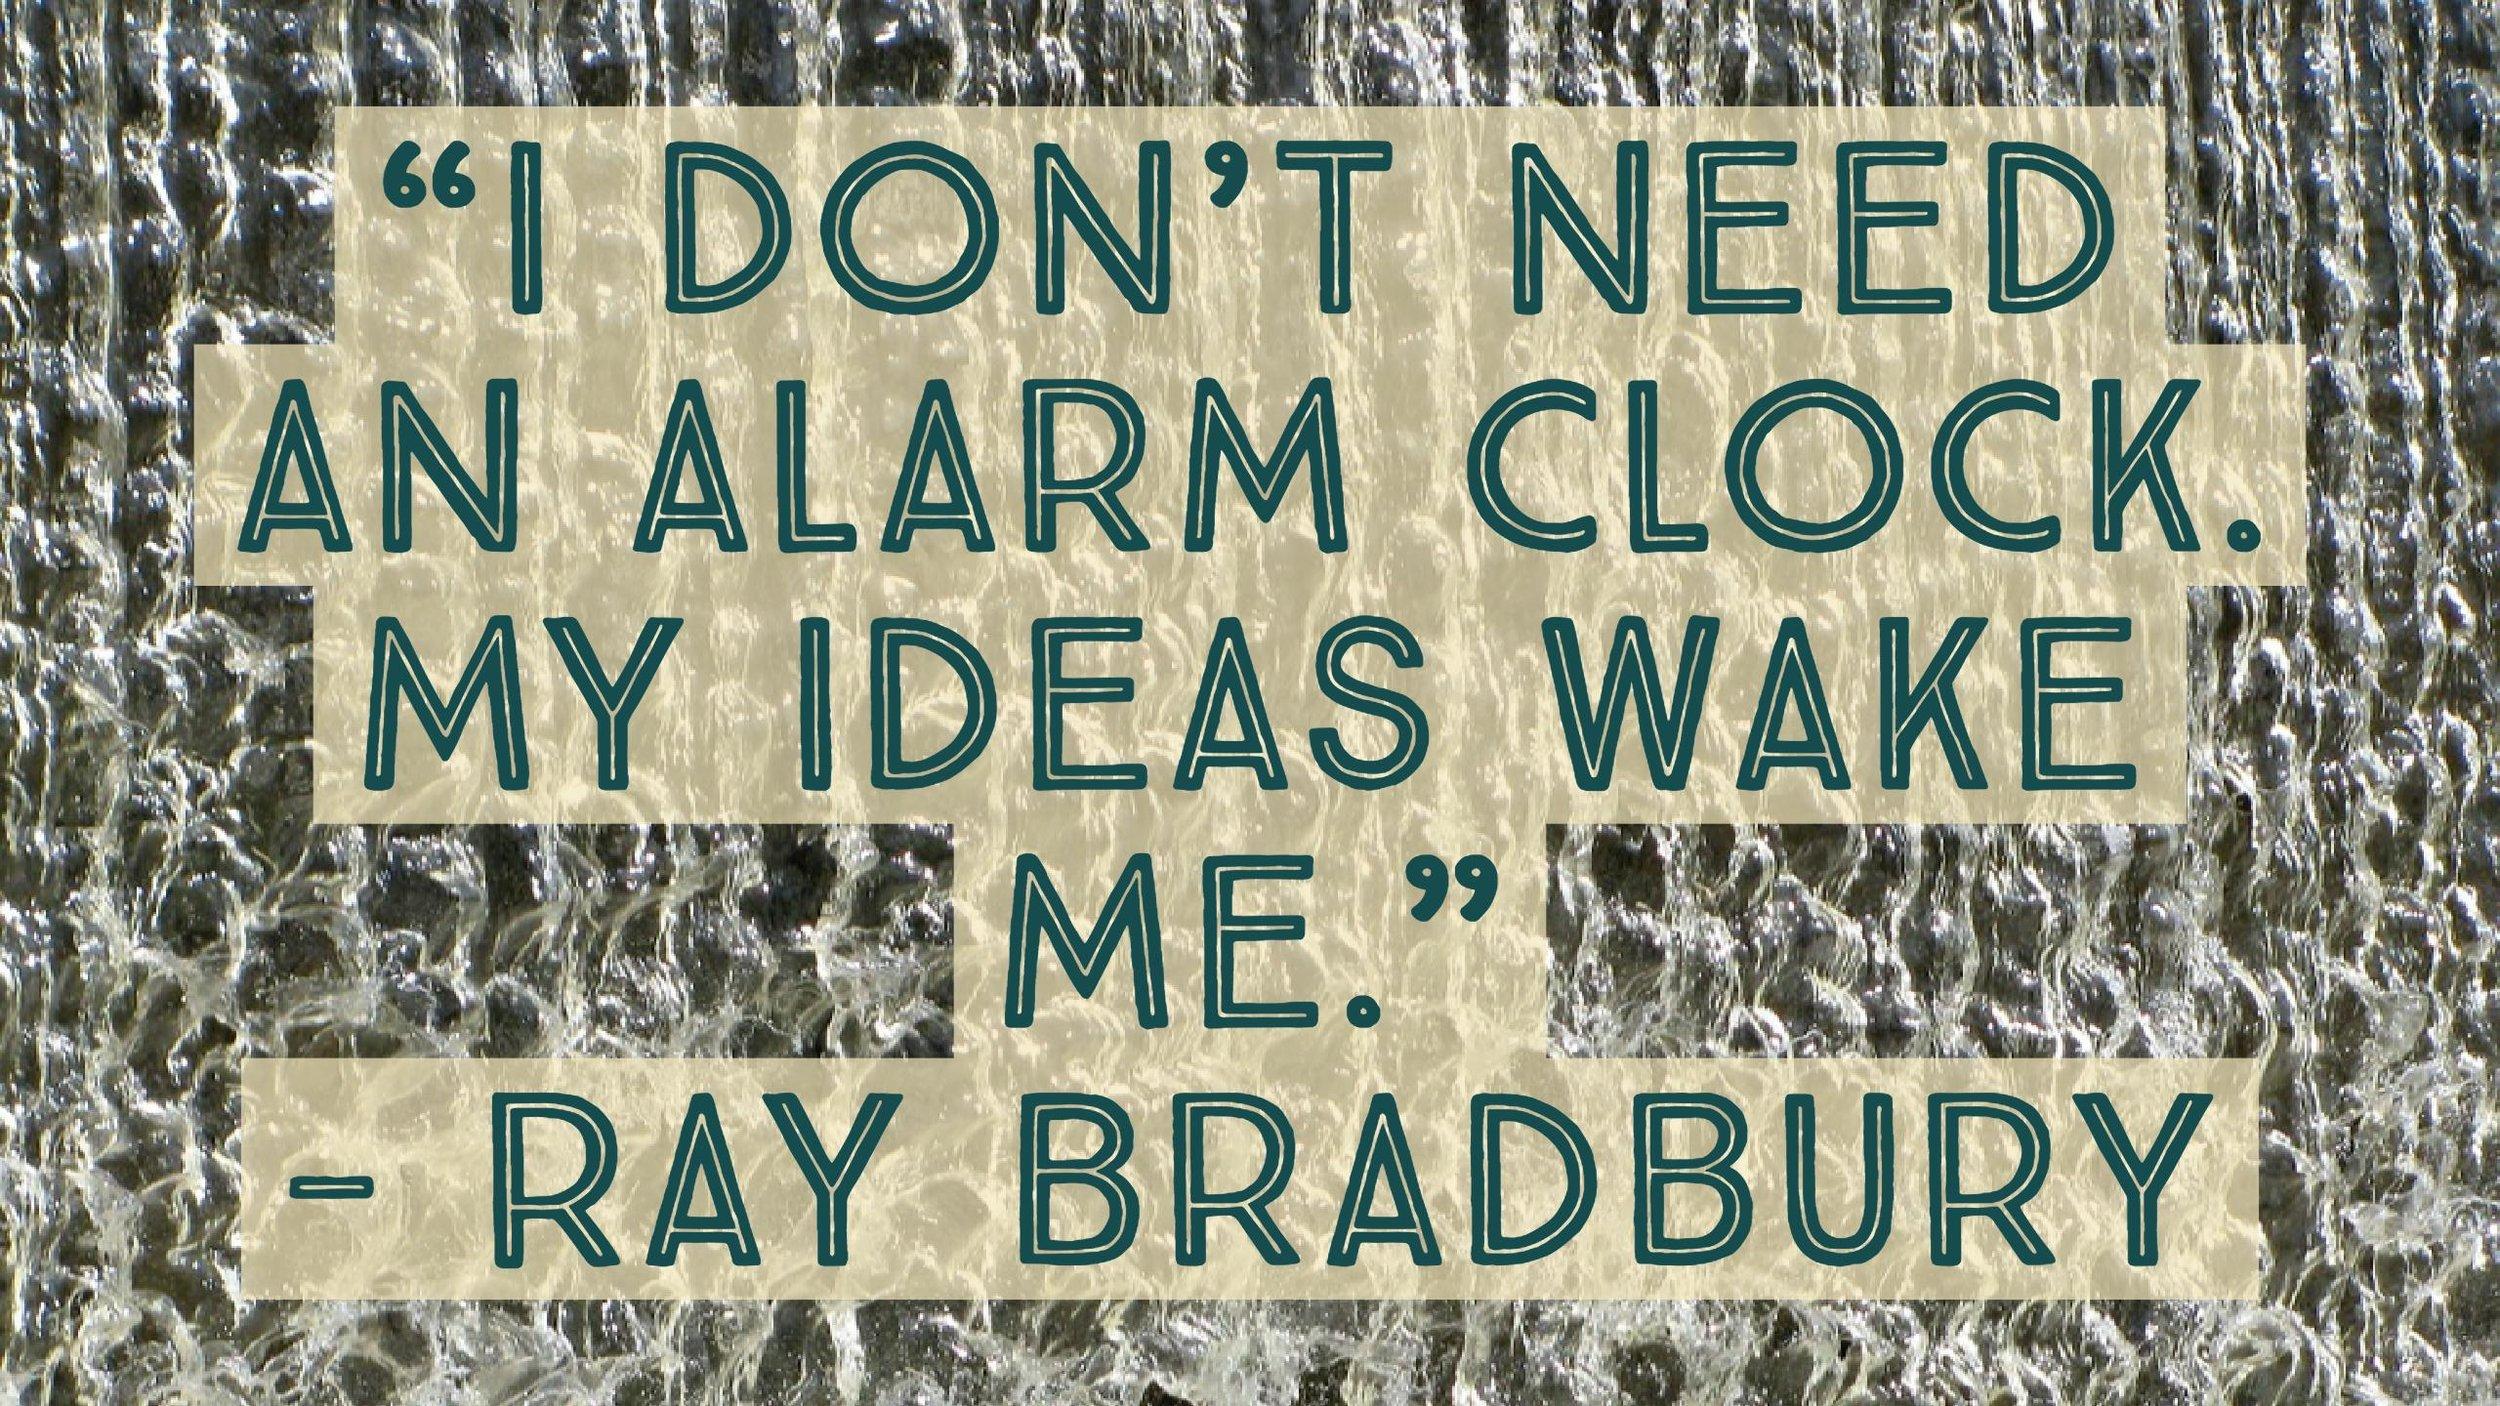 bradbury quote.jpg